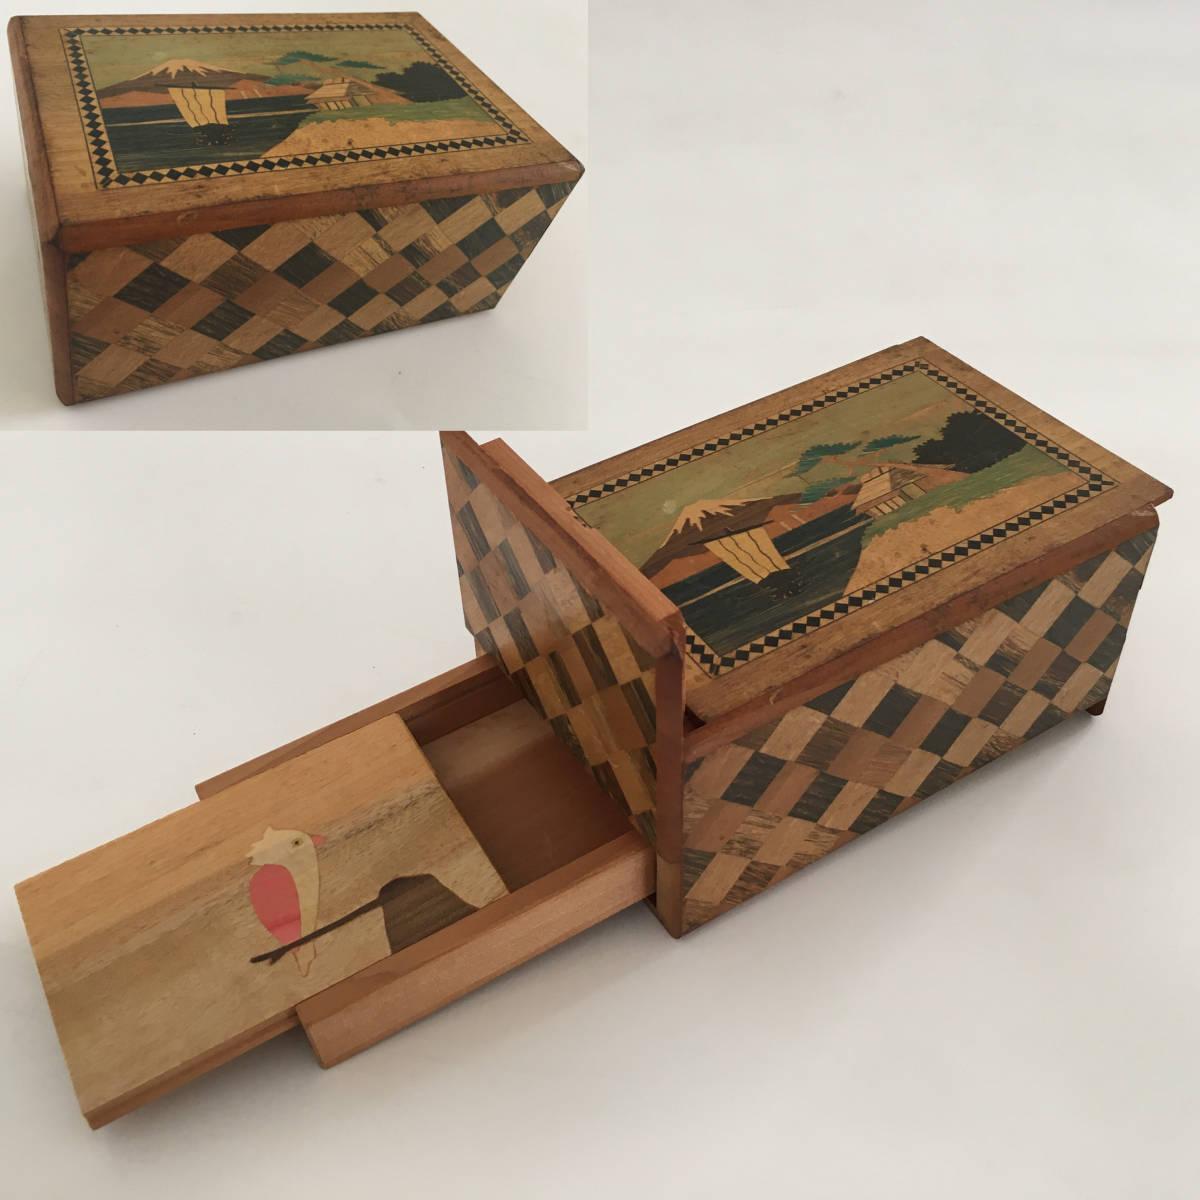 細工 秘密 箱 寄木